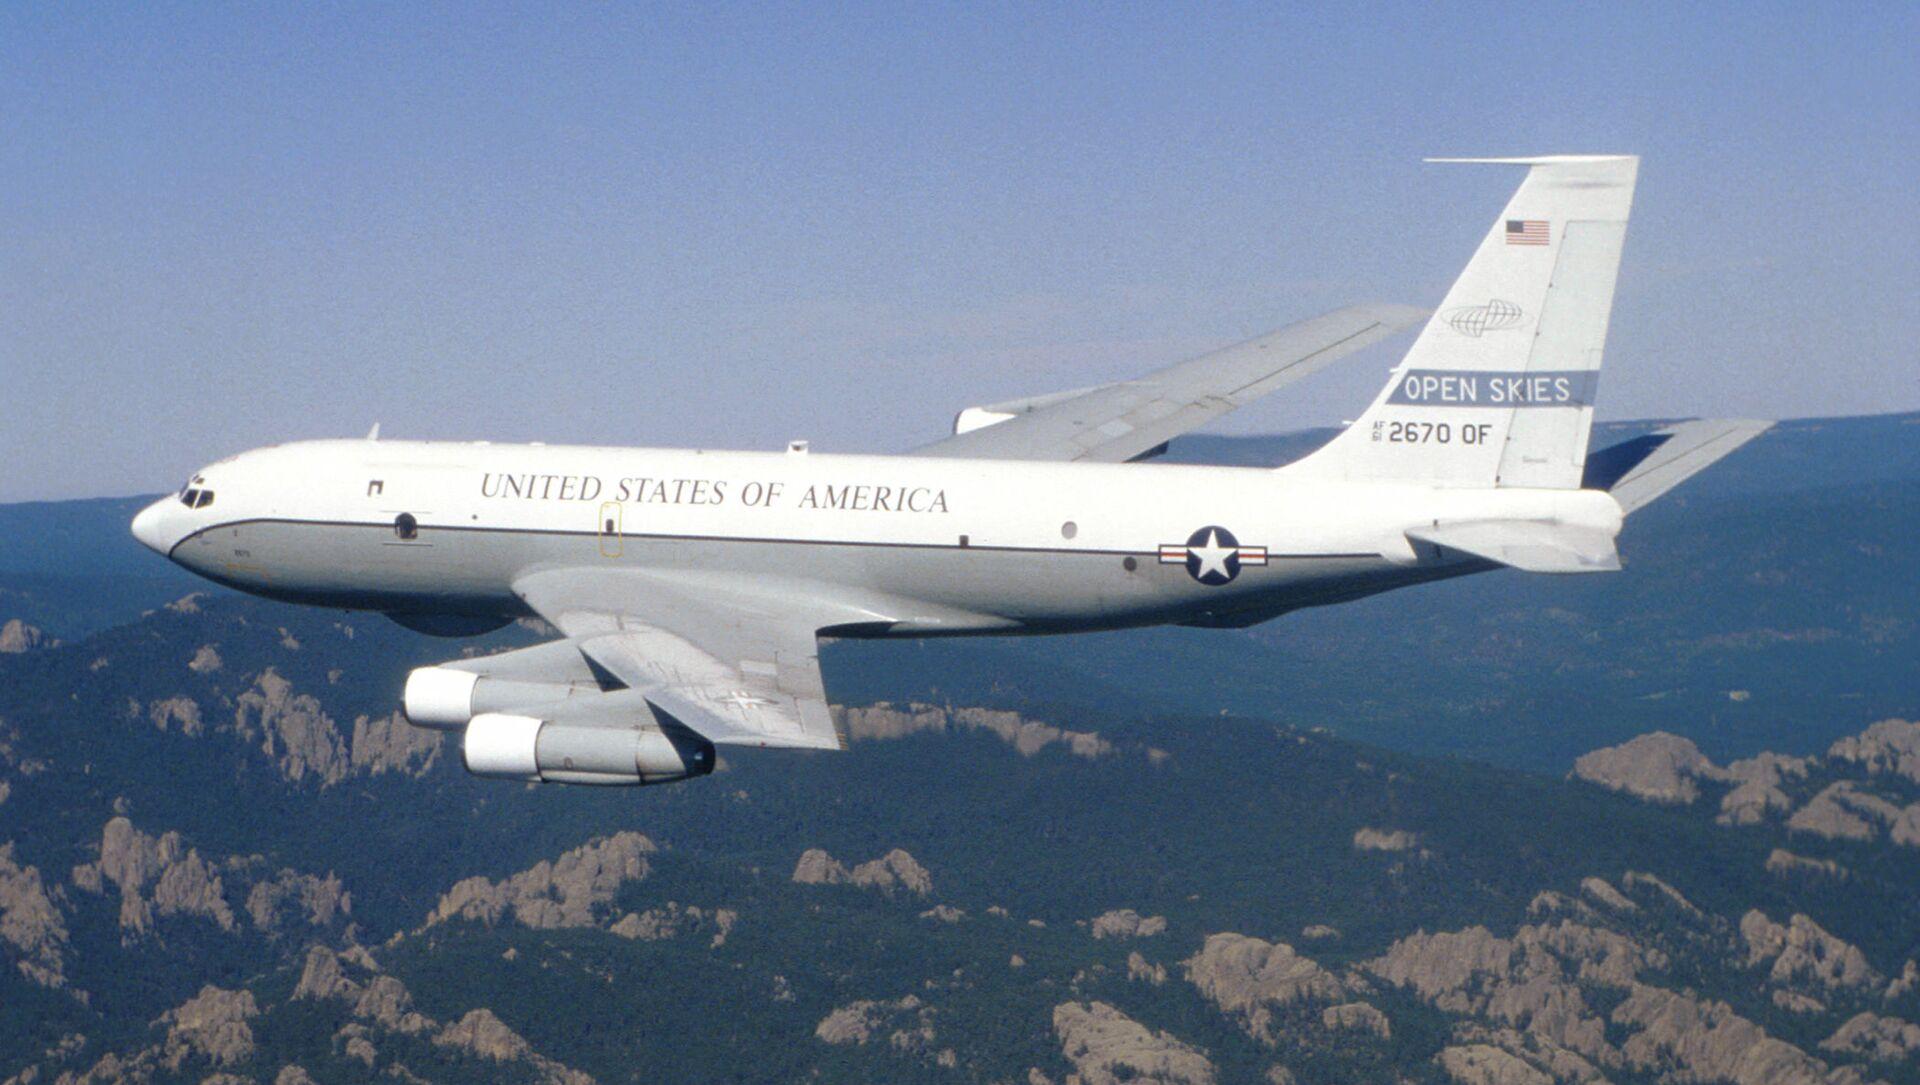 Američki avion Boing OC-135B tokom osmatračkog leta u okviru Sporazuma o otvorenom nebu - Sputnik Srbija, 1920, 03.05.2021